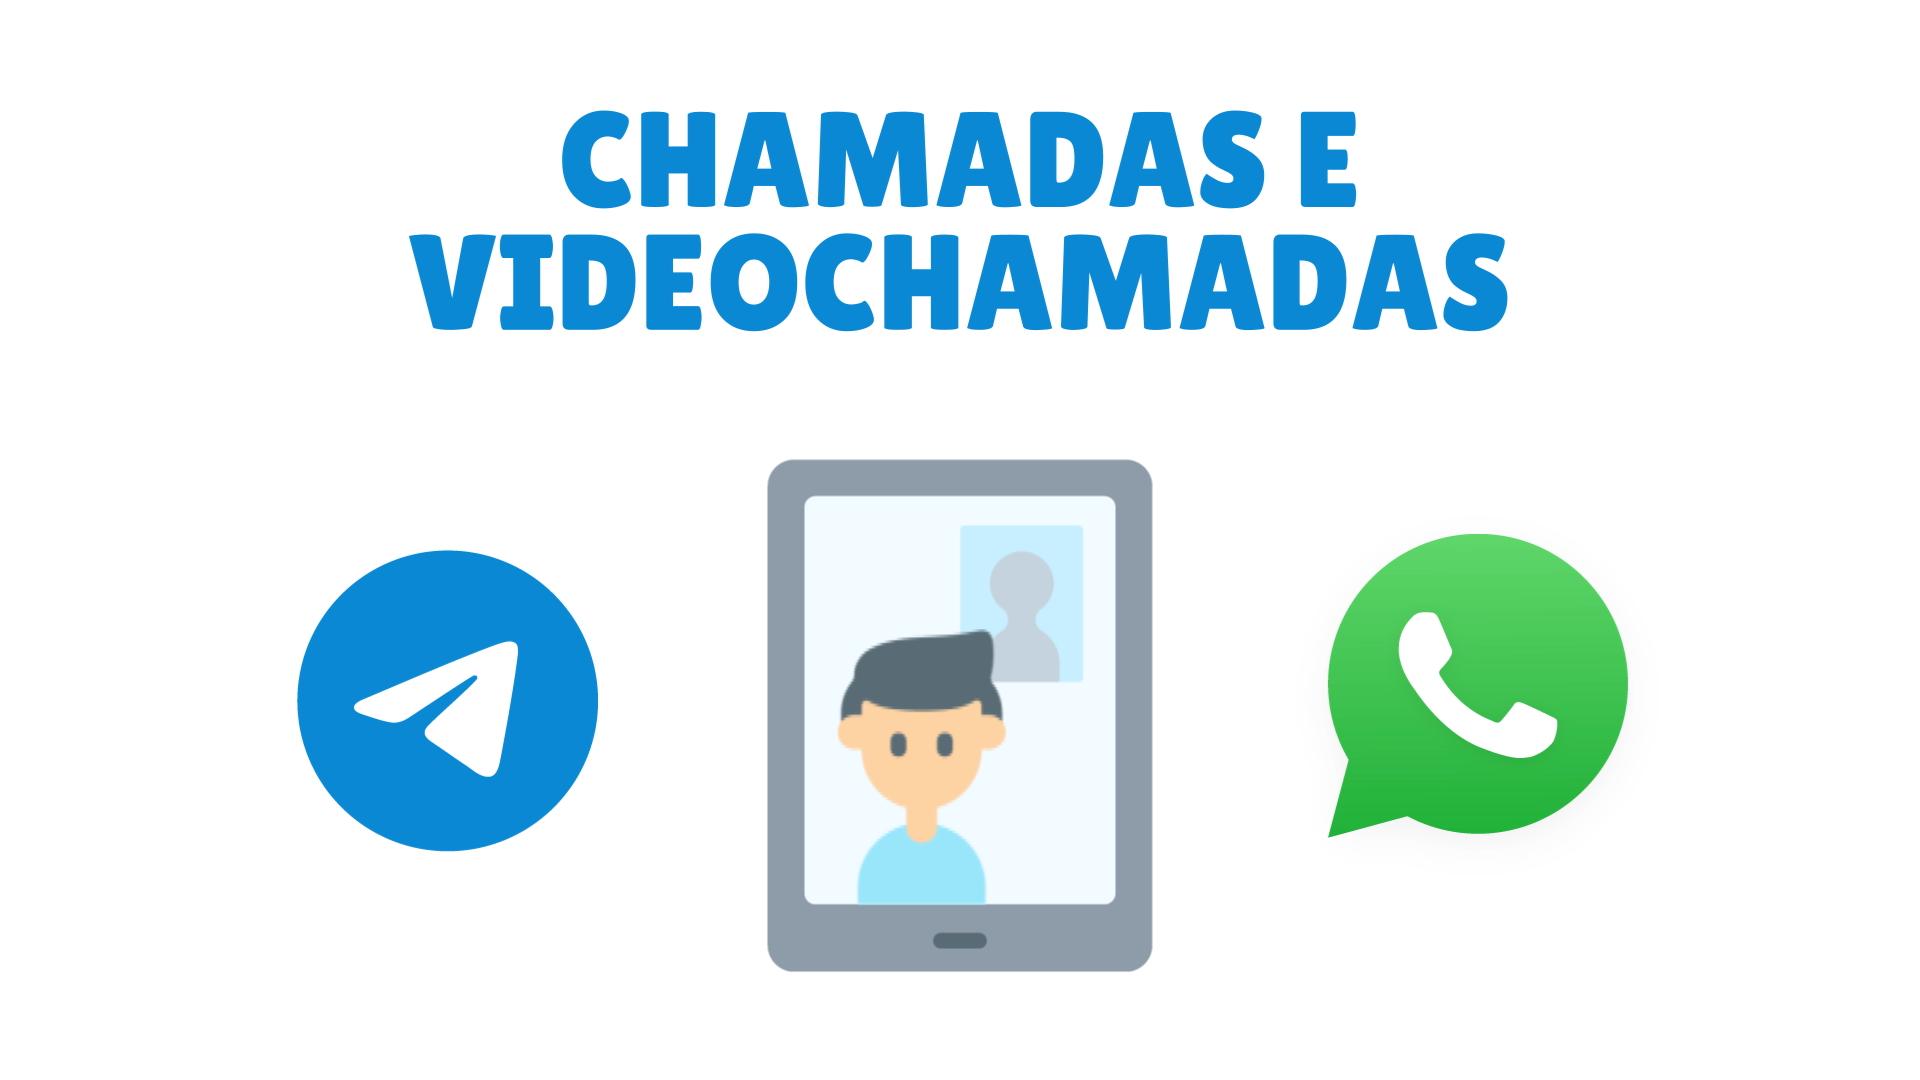 Whatsapp ou Telegram: comparação das chamadas e videochamadas